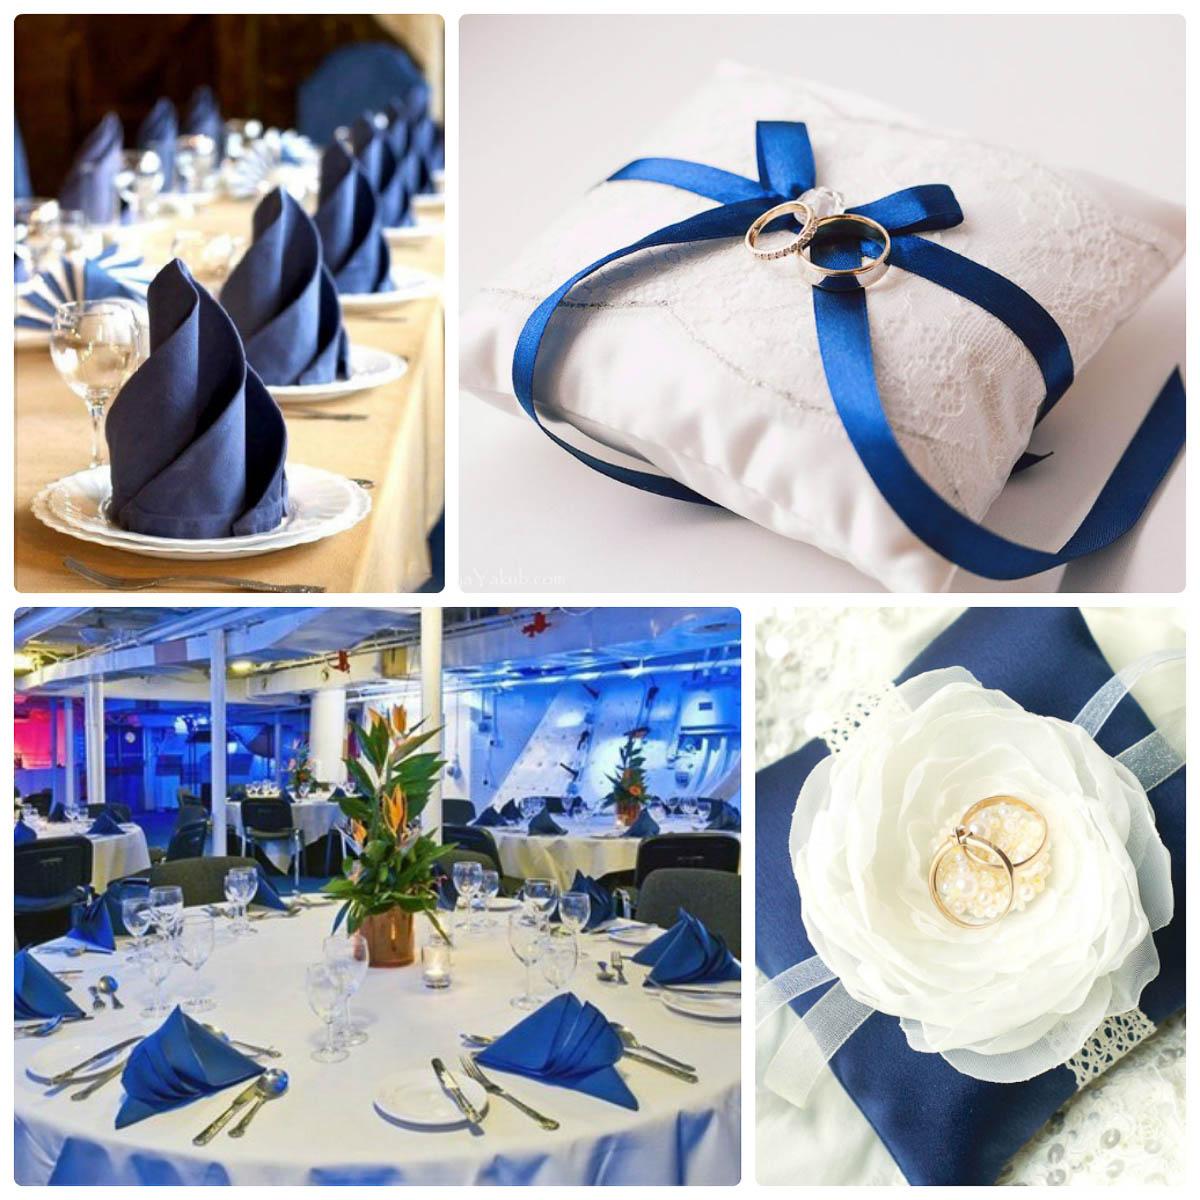 свадьба в синем стиле идеи фото